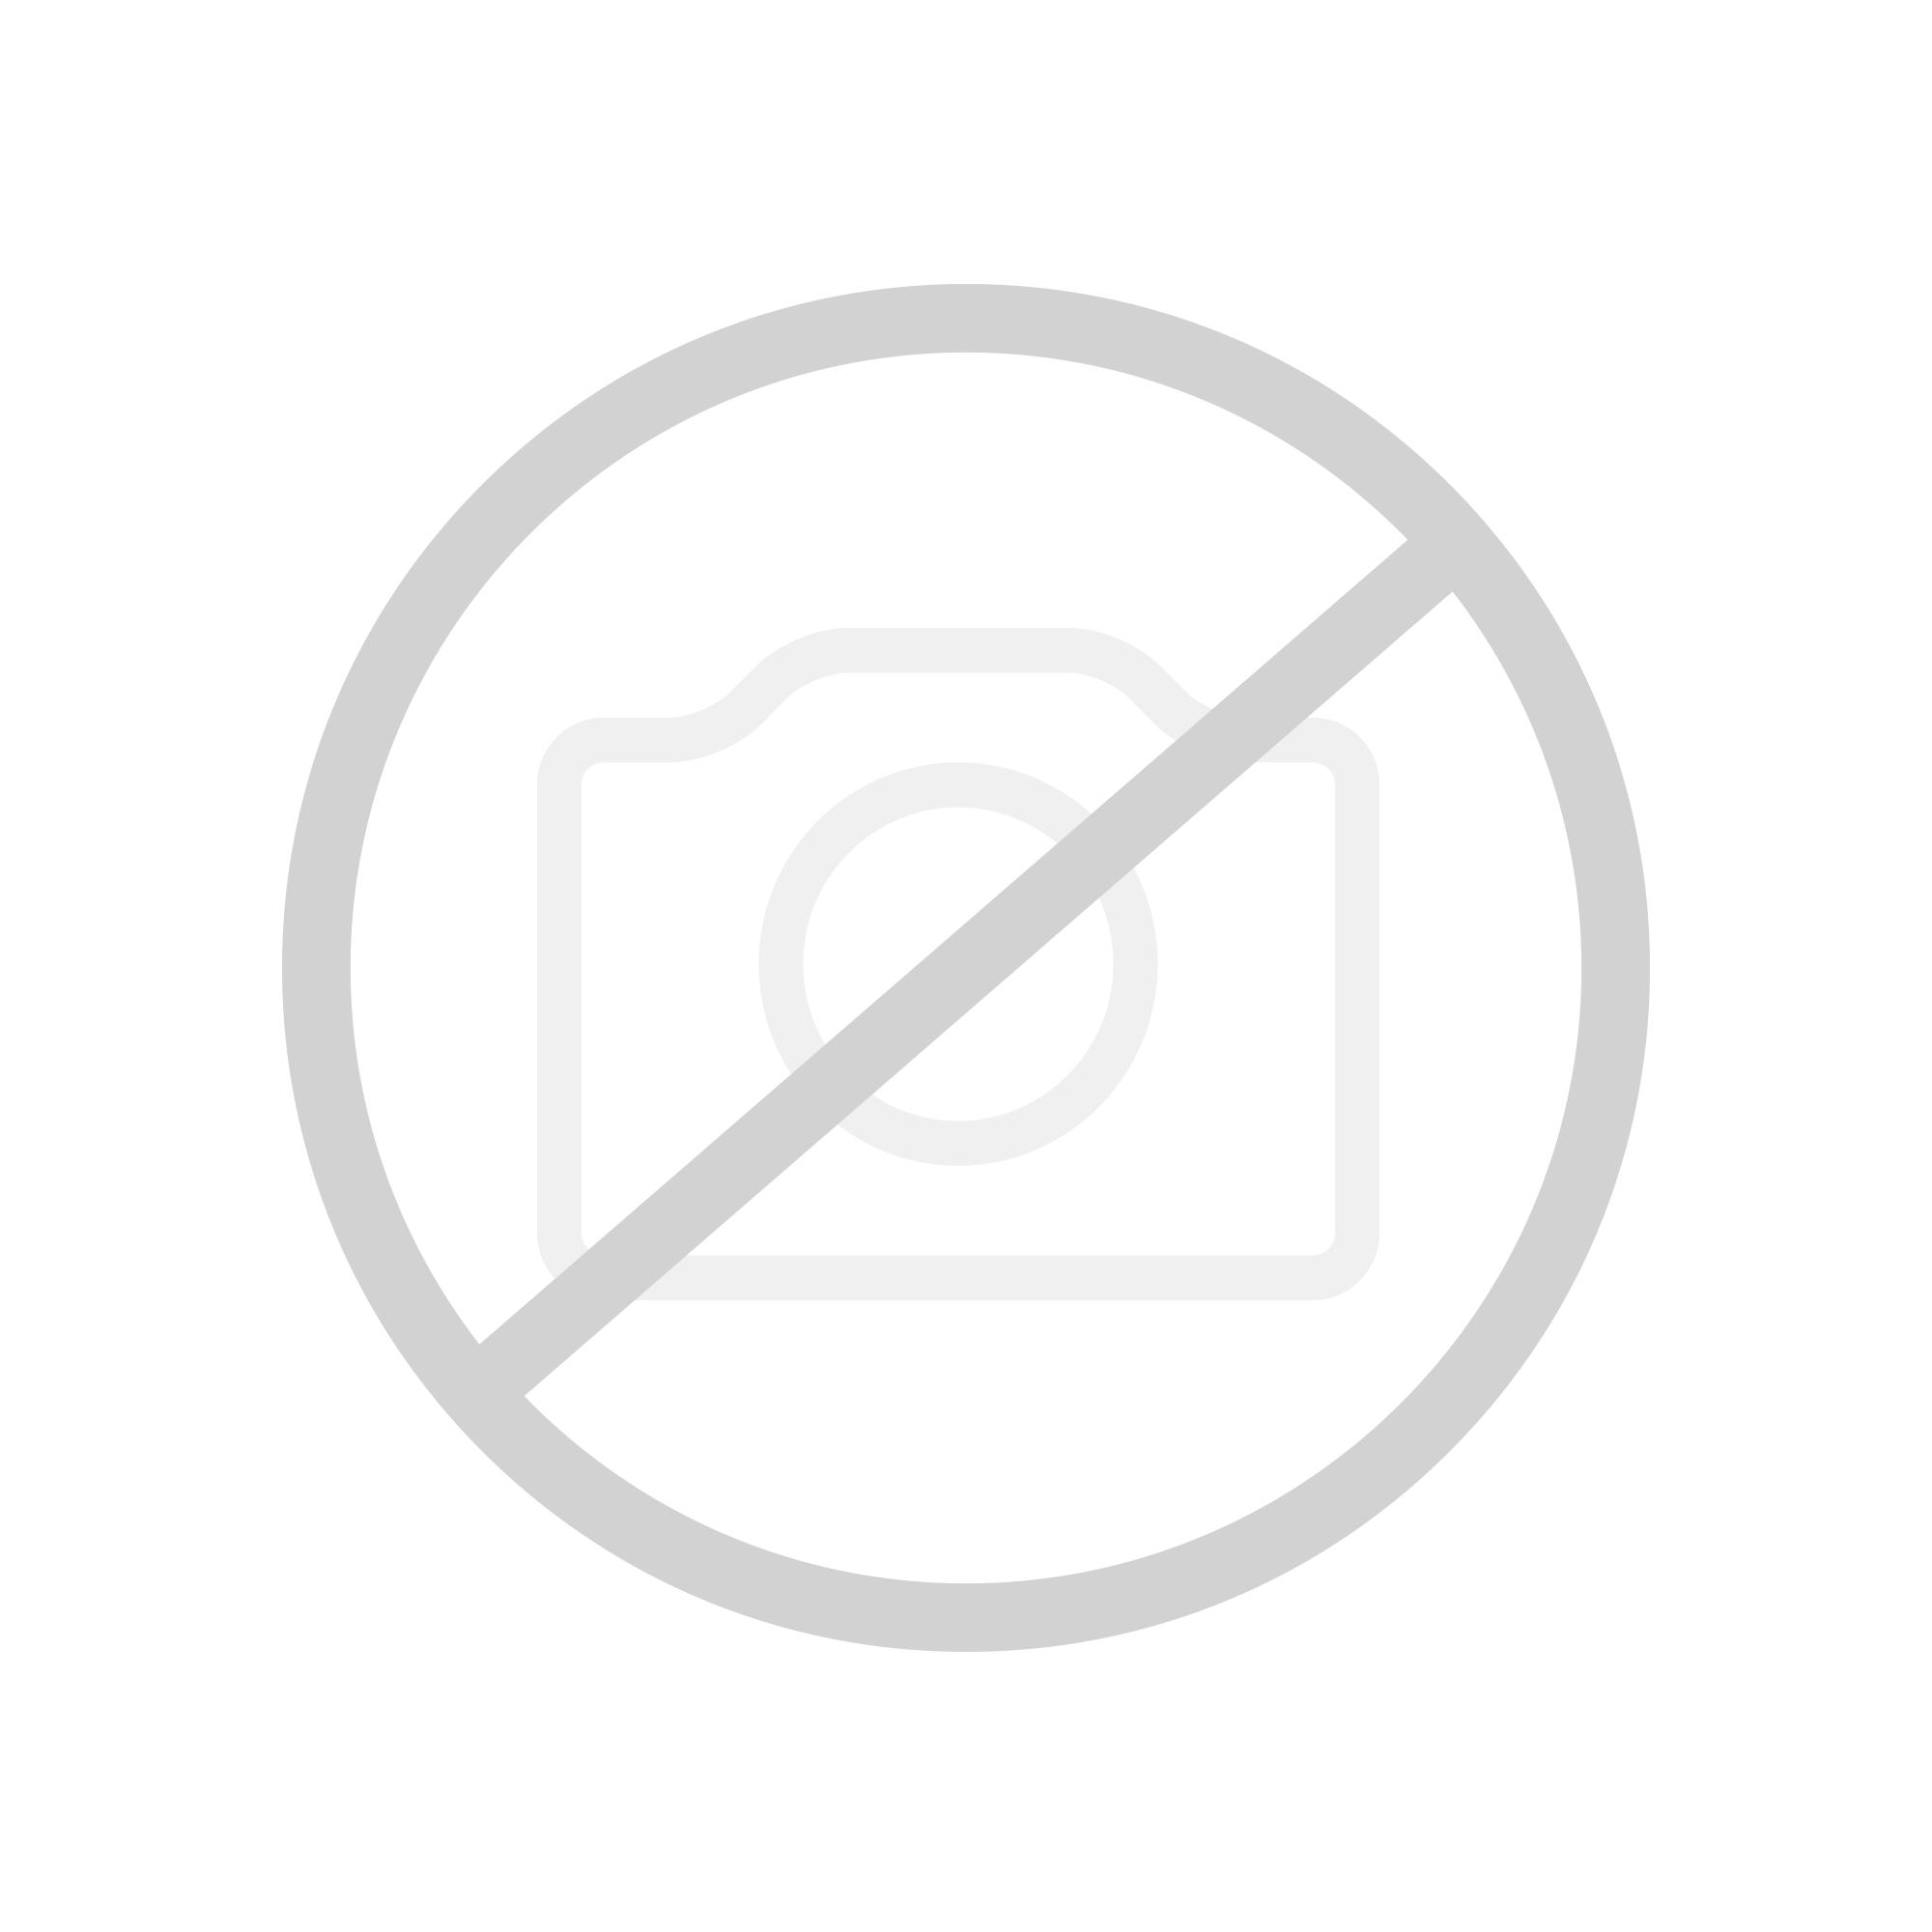 Freistehende badewanne rund  Freistehende Badewannen günstig kaufen bei REUTER